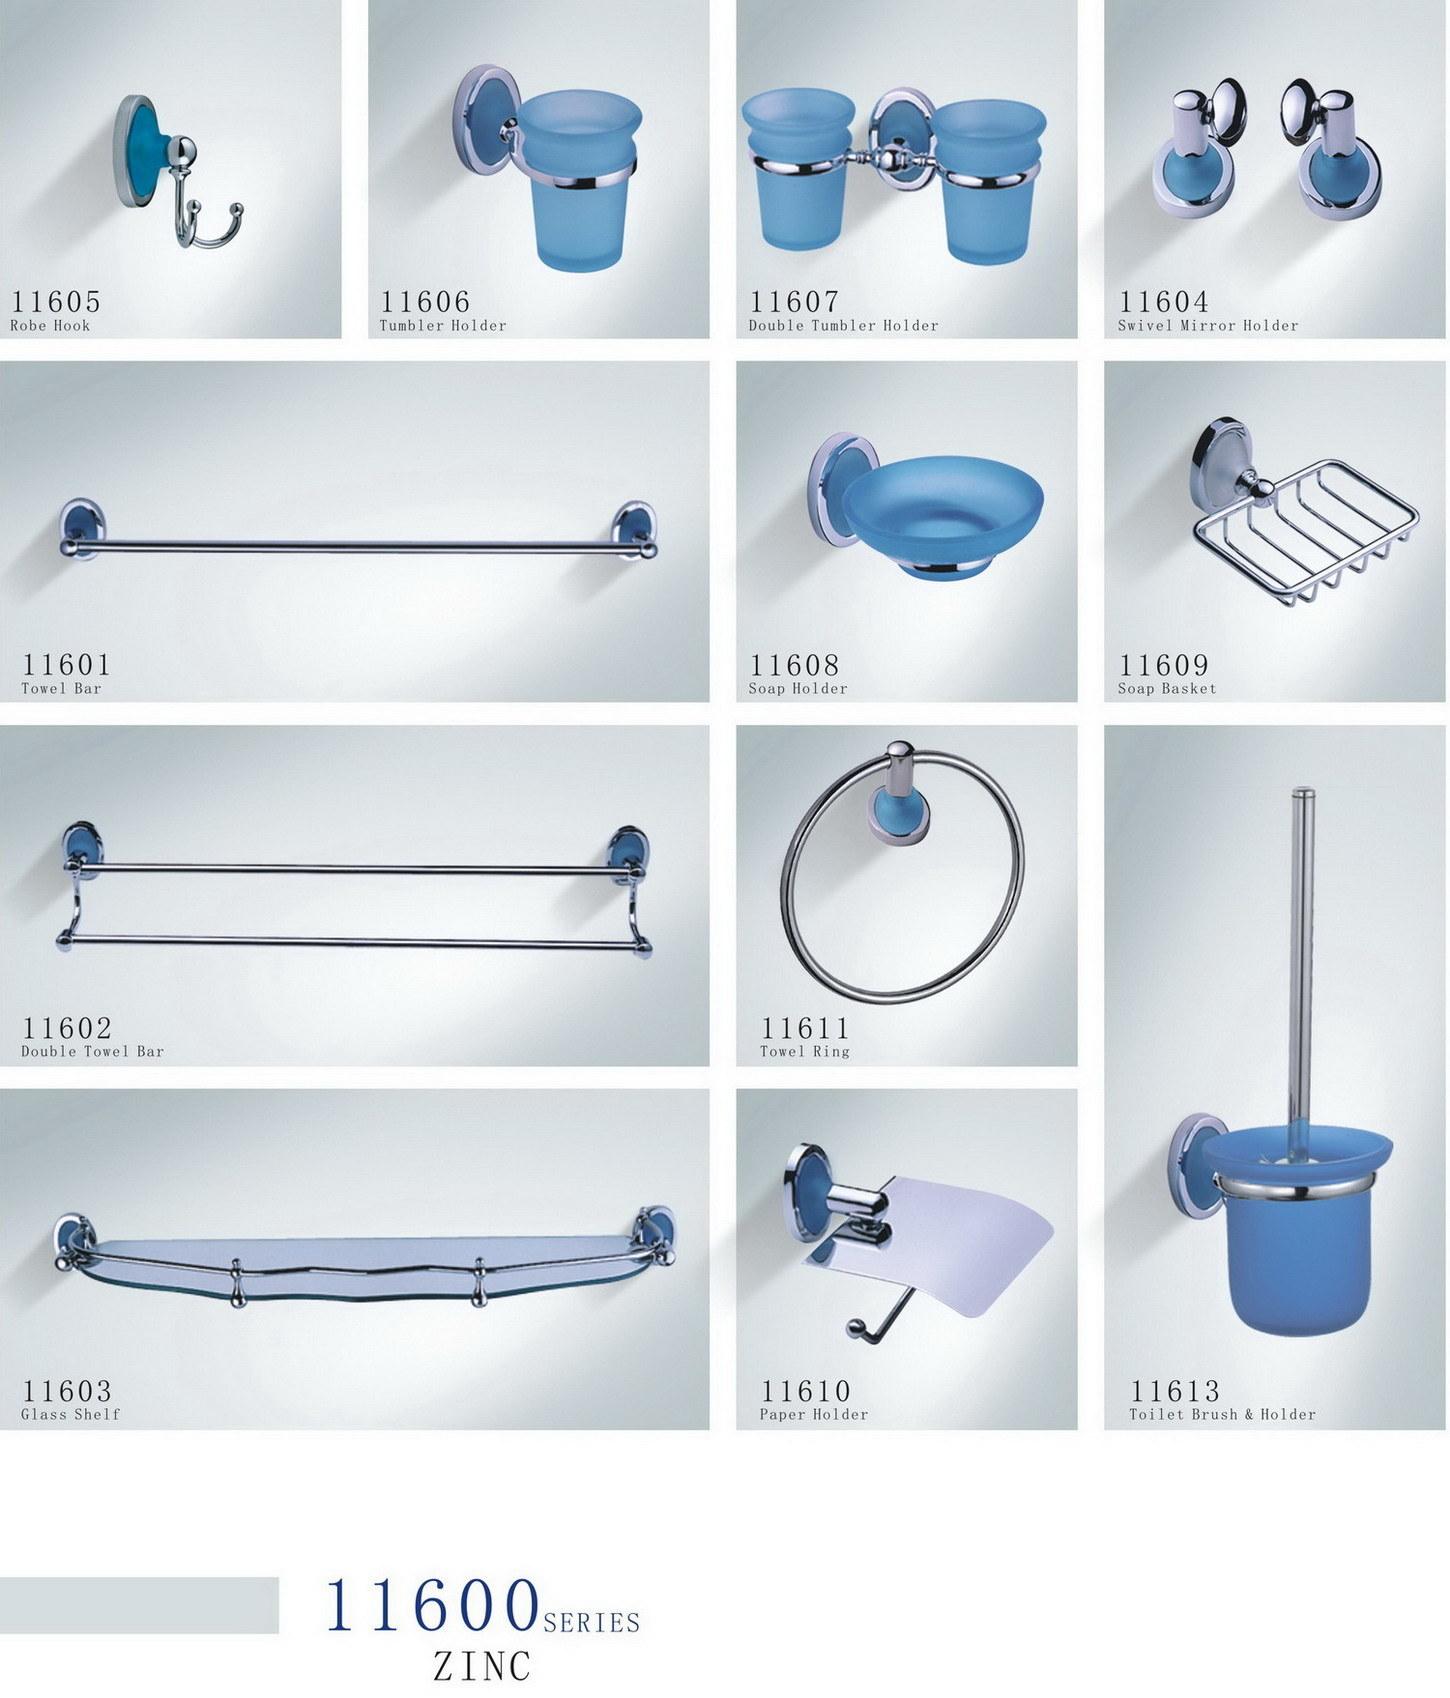 Accessoires de salle de bains 11600 s ries accessoires for Accessoire salle de bain jungle